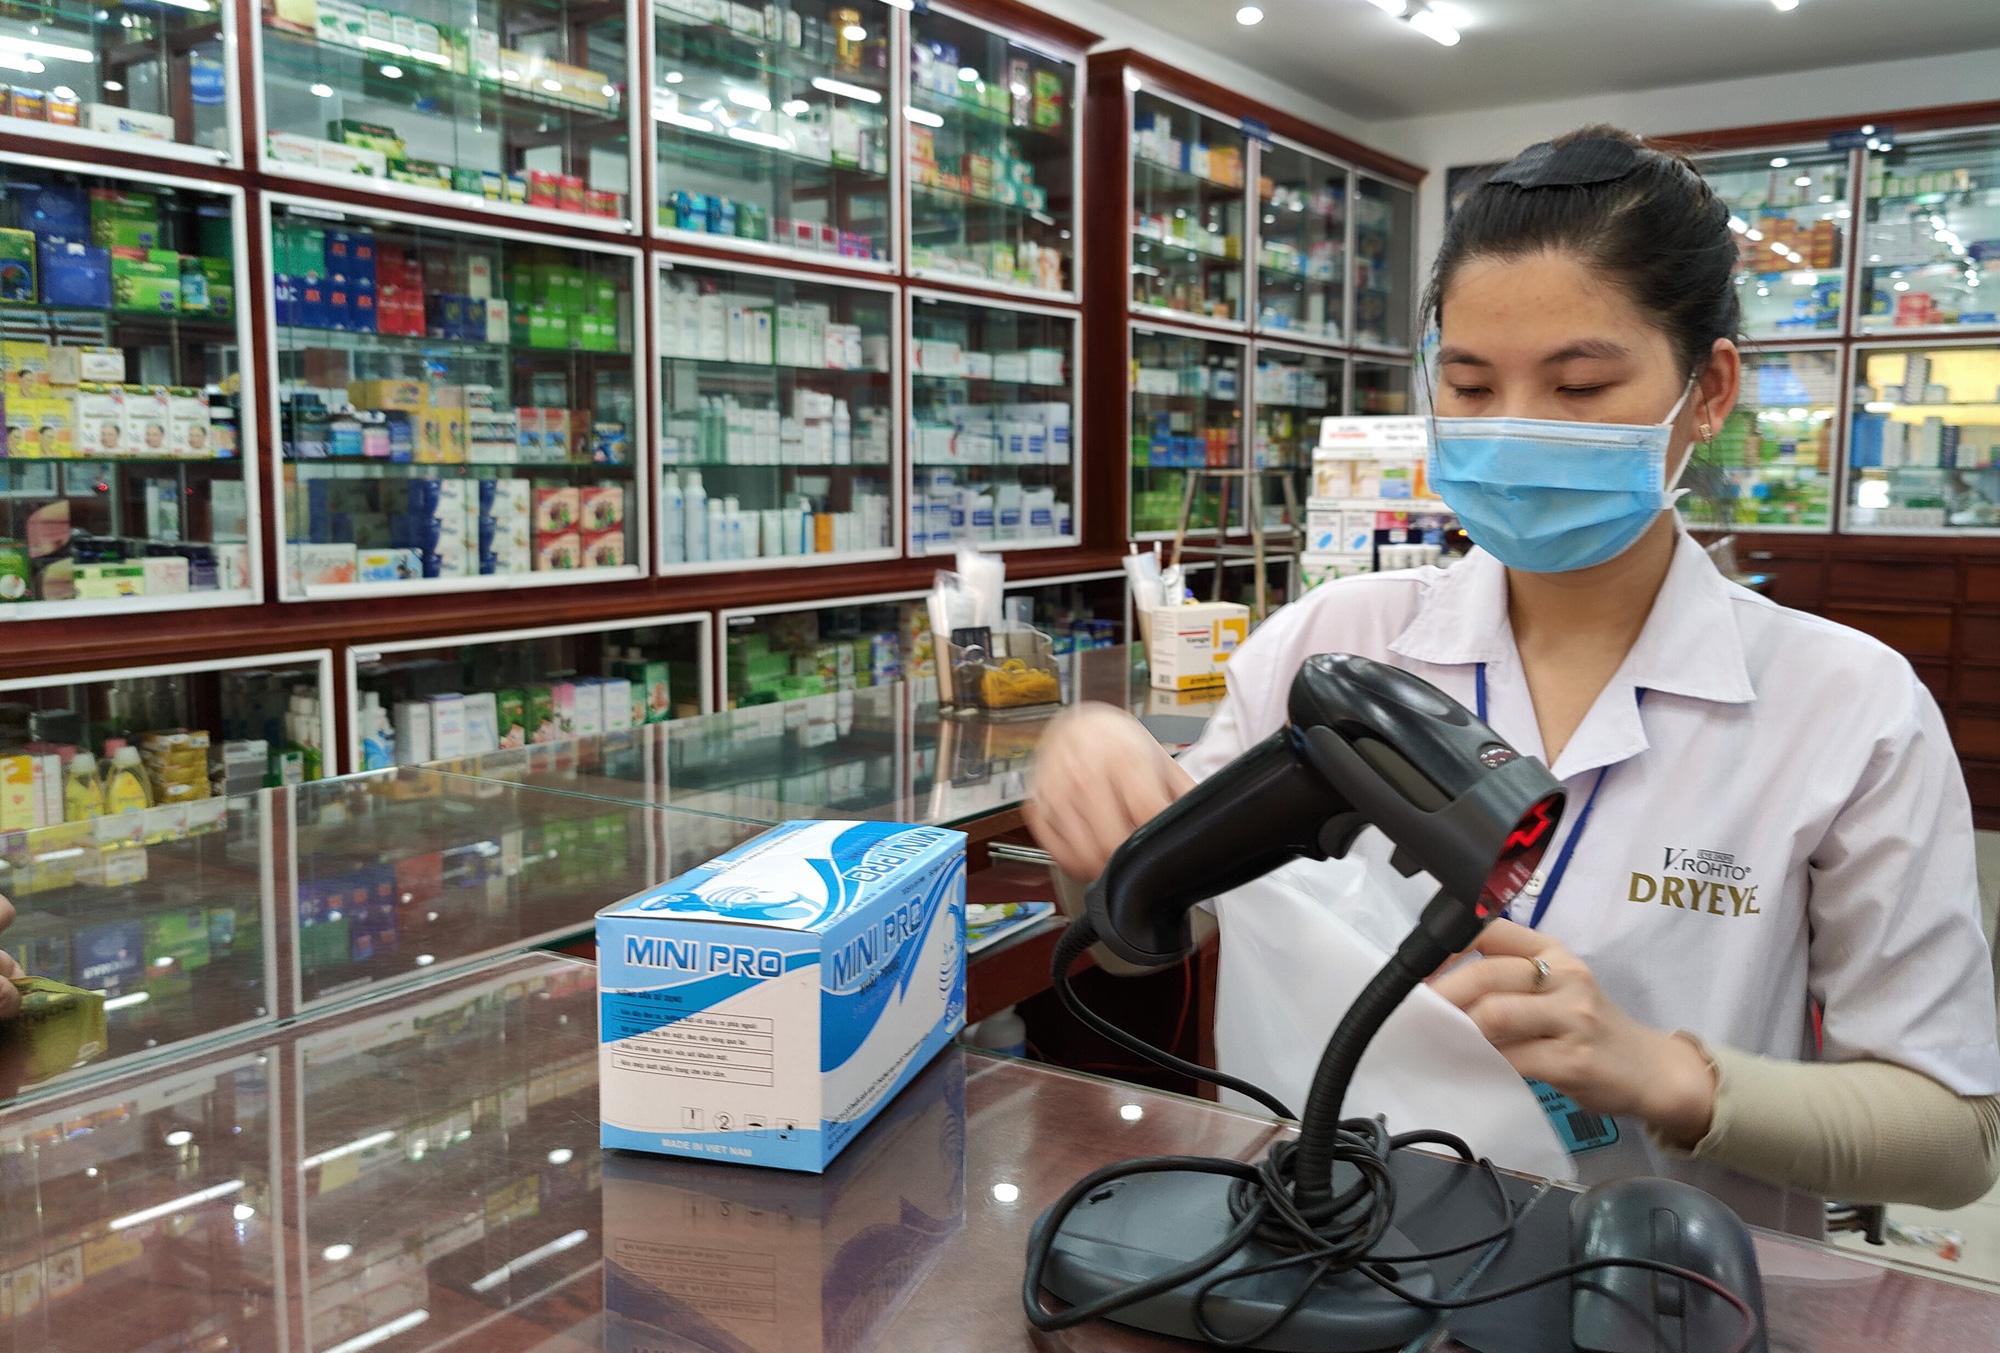 Ba lý do ngành dược tăng trưởng bất ngờ trong năm 2022 - Ảnh 1.